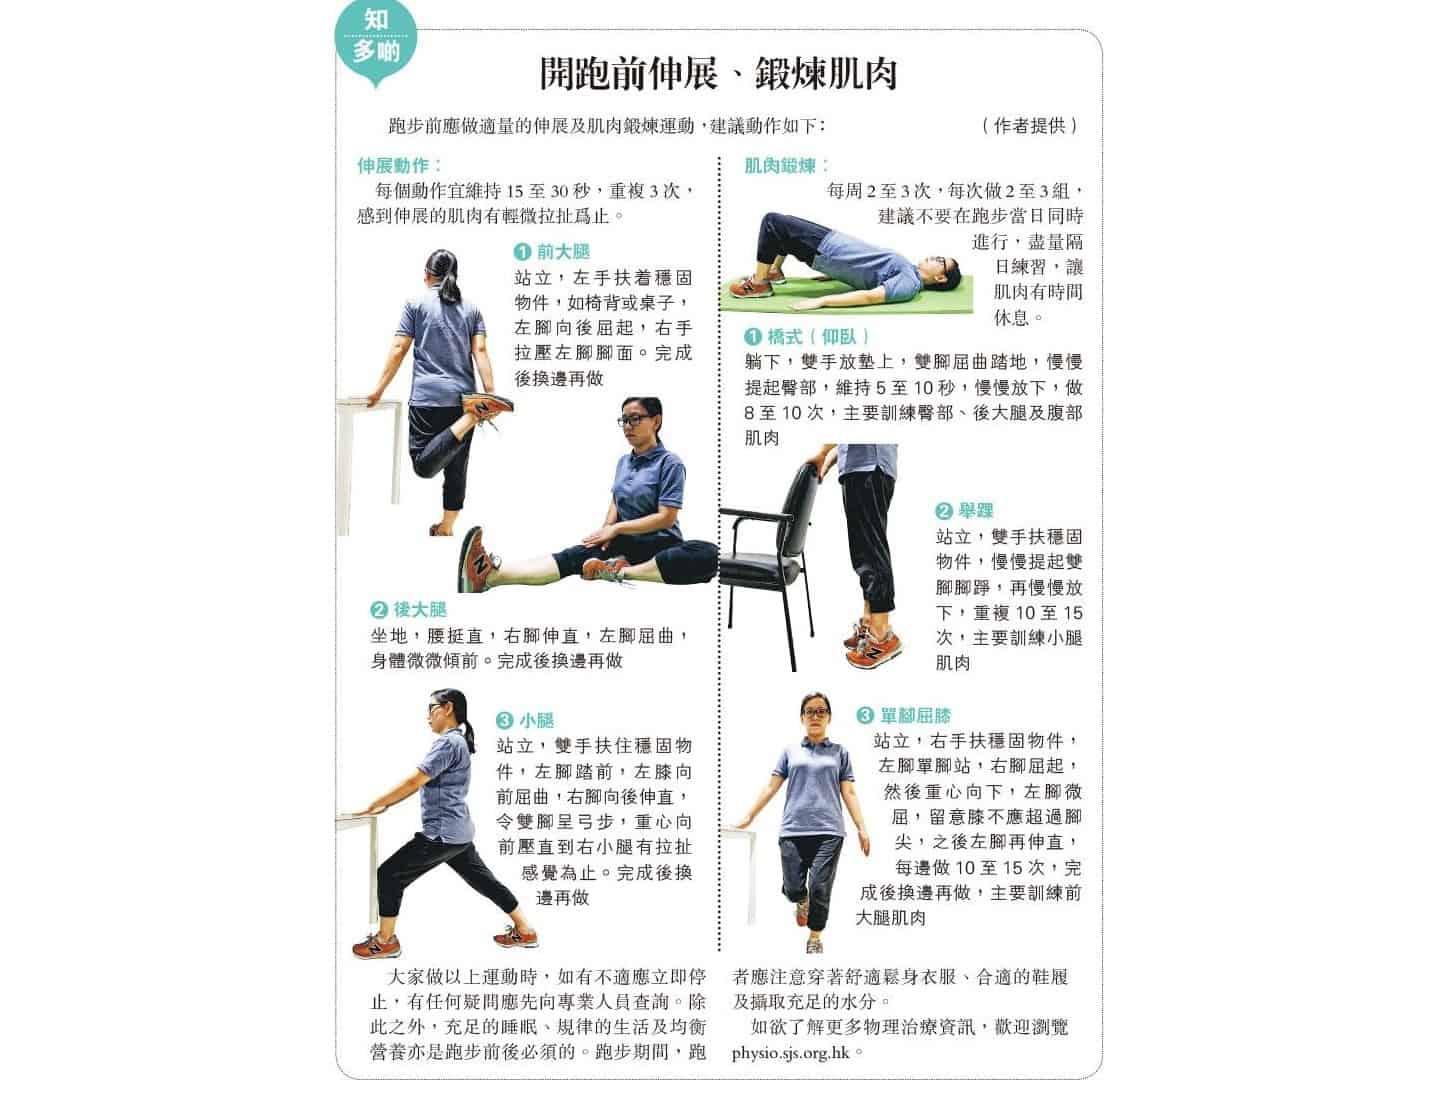 十字韌帶, 運動, 肌力, 伸展, 5式運動,